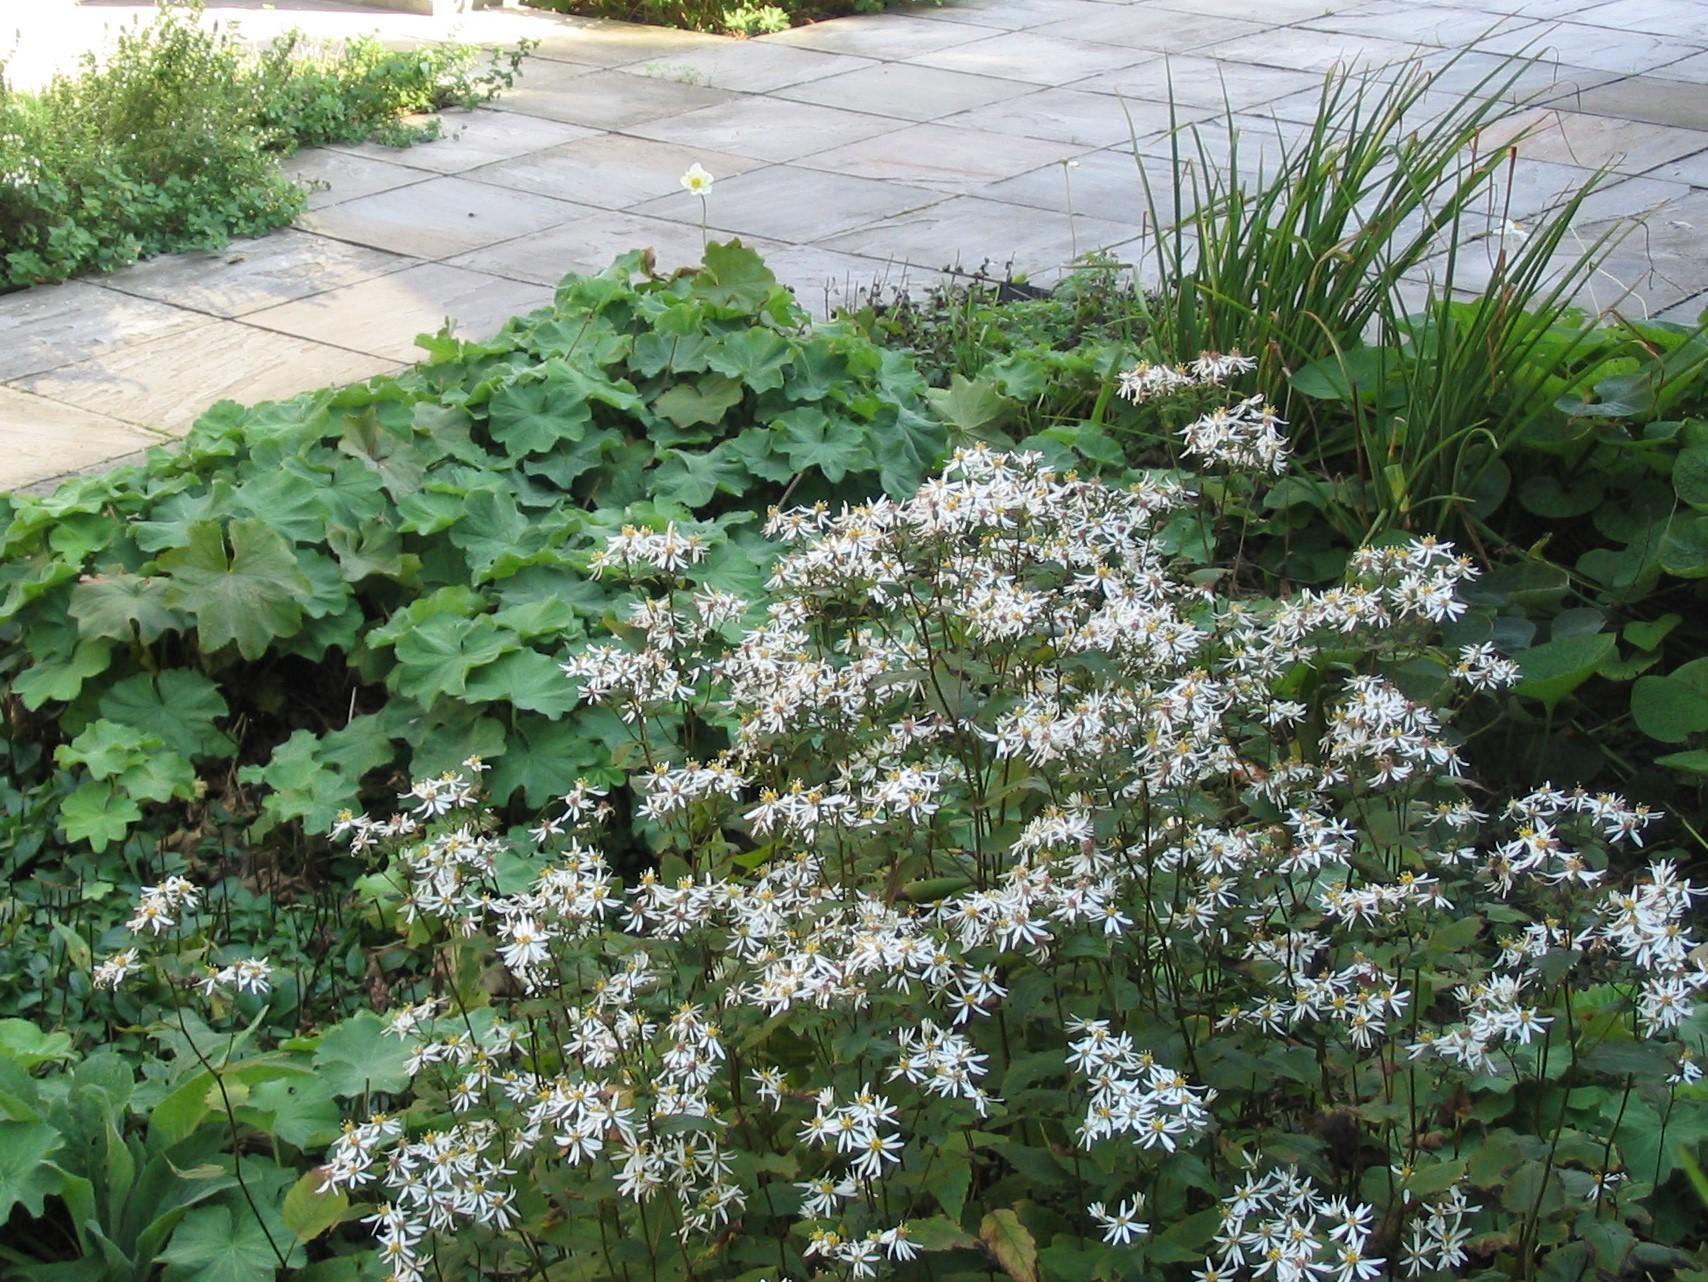 Verhardingen en beplanting pesticidenvrij